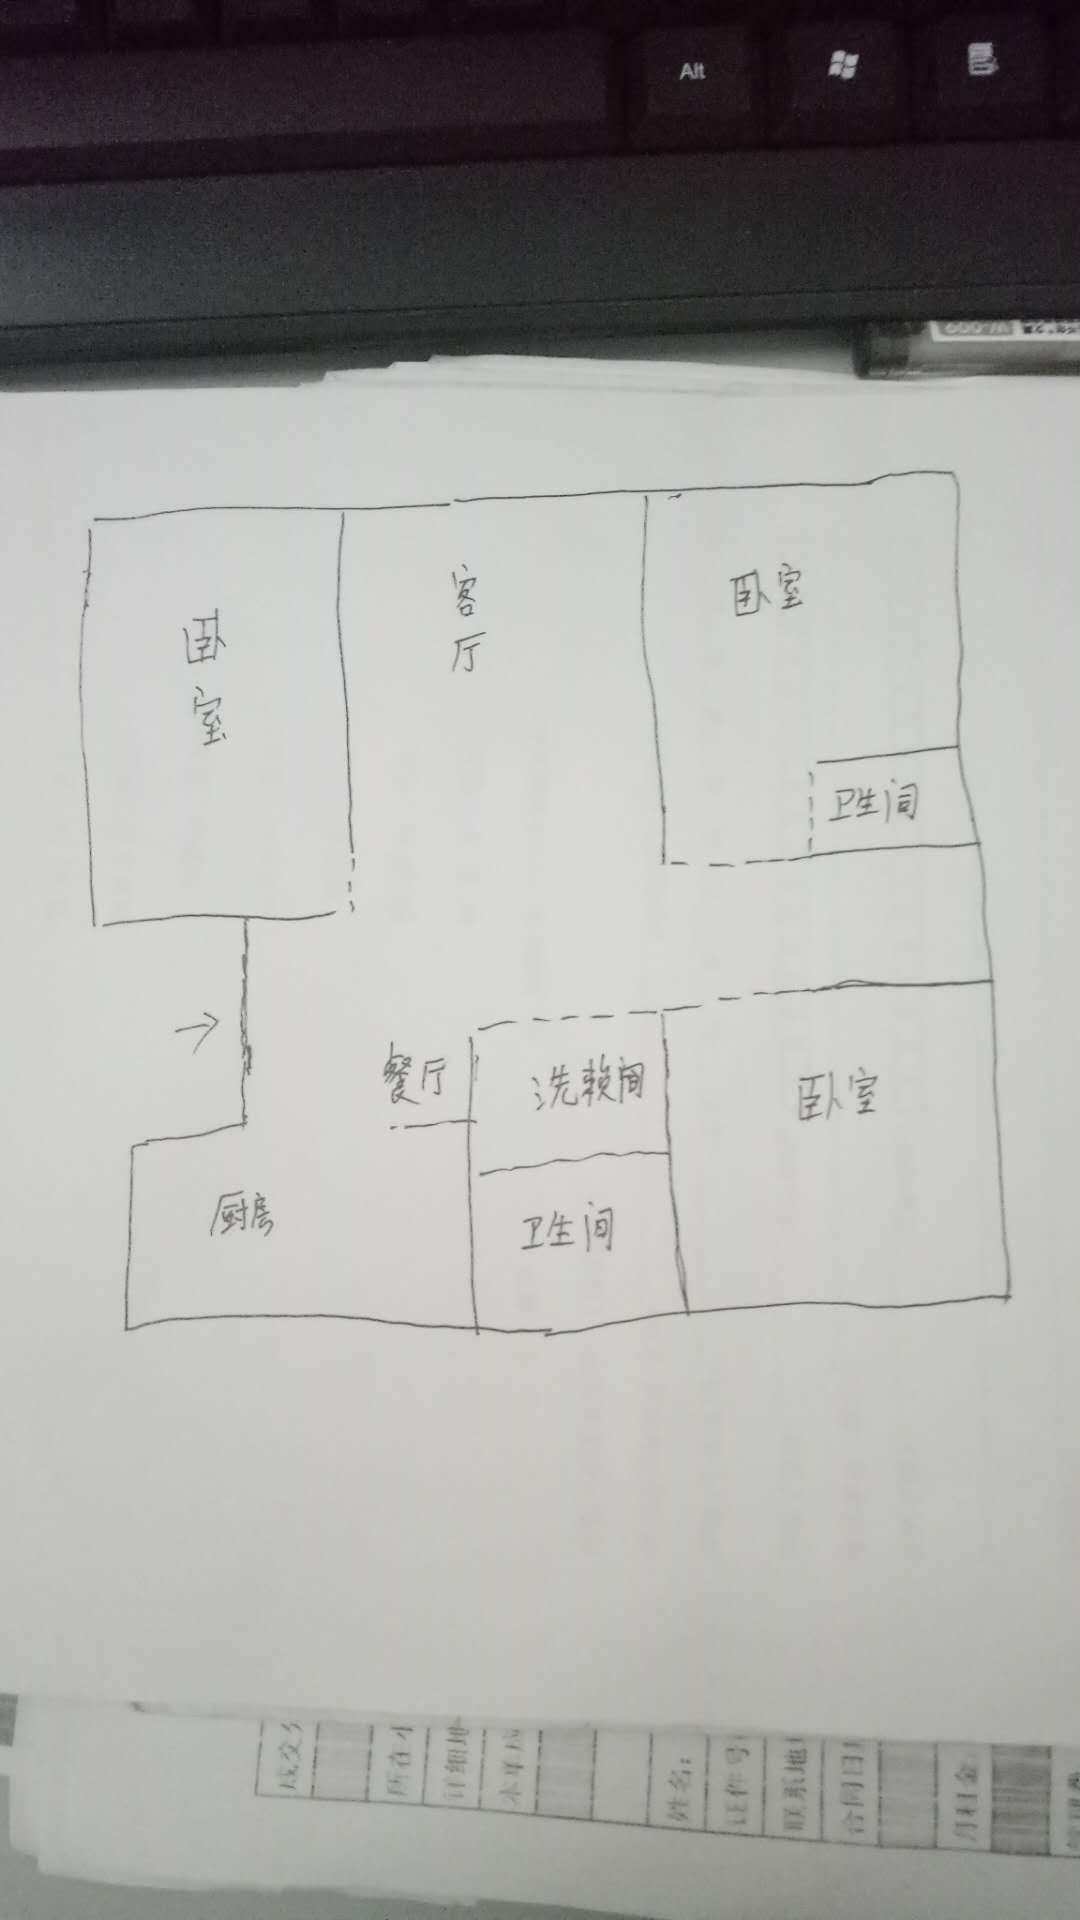 中茂家园 3室2厅 2楼